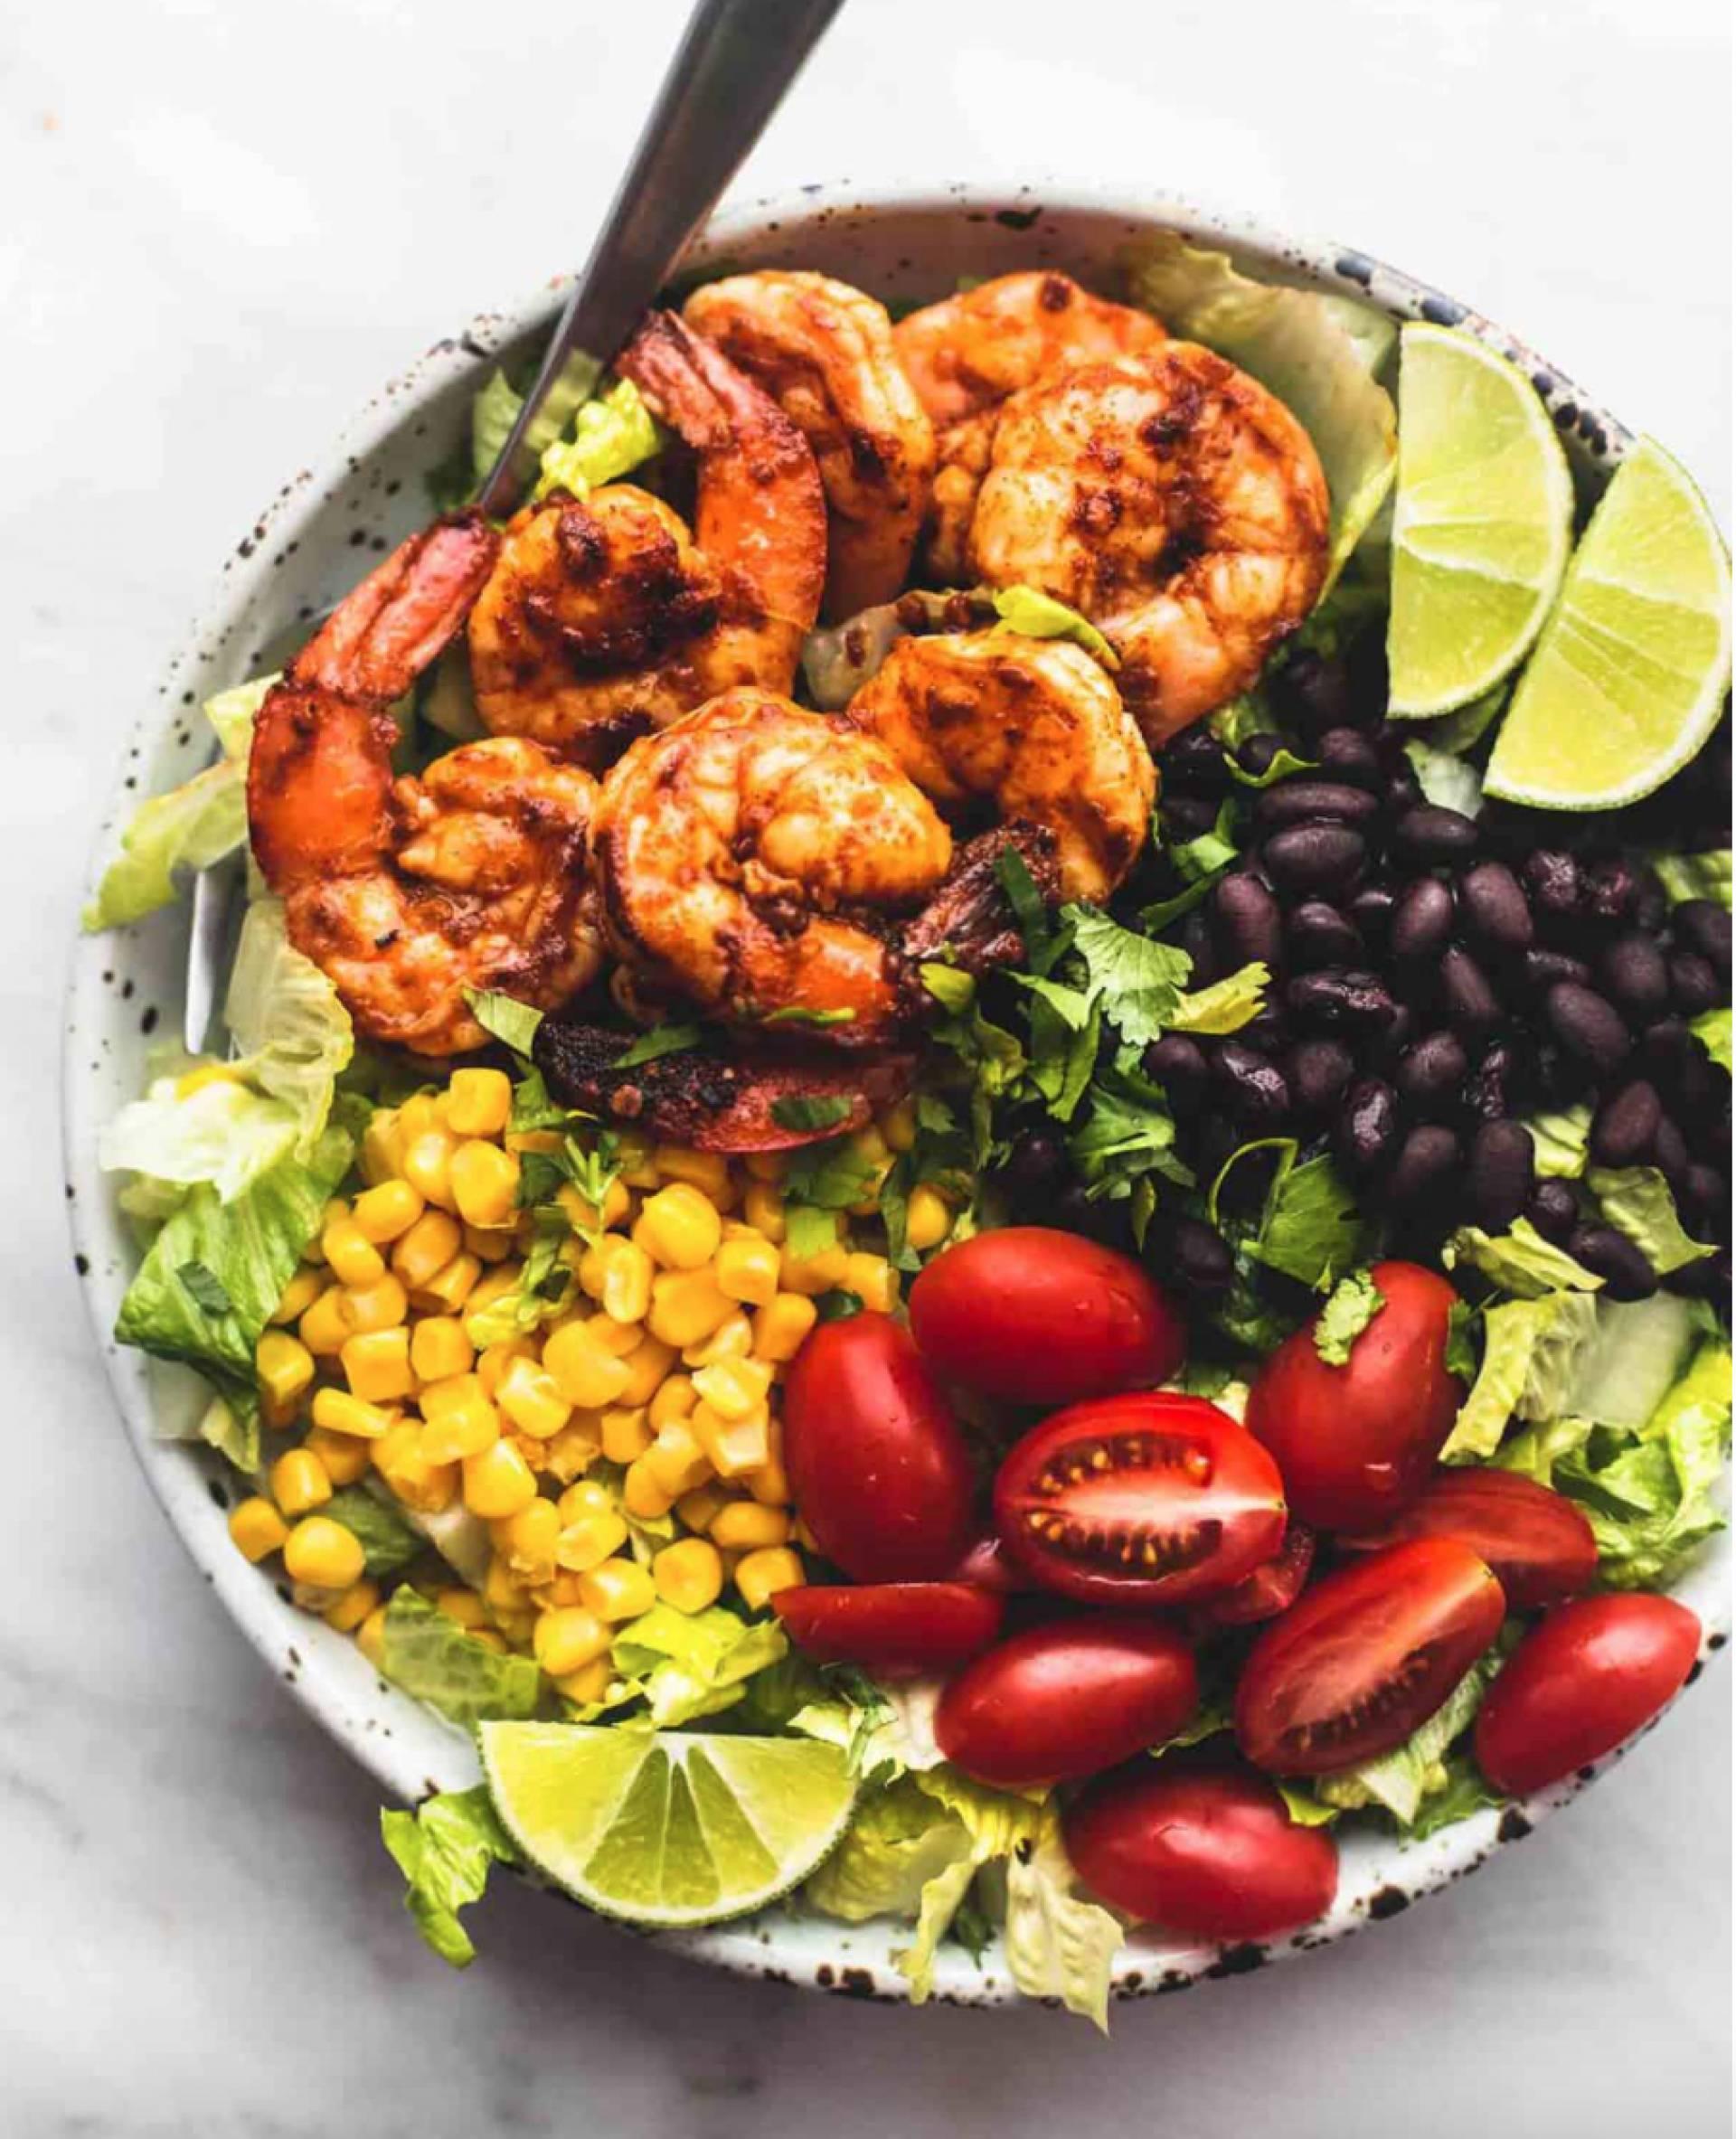 KETO Old Bay Shrimp Burrito Bowl